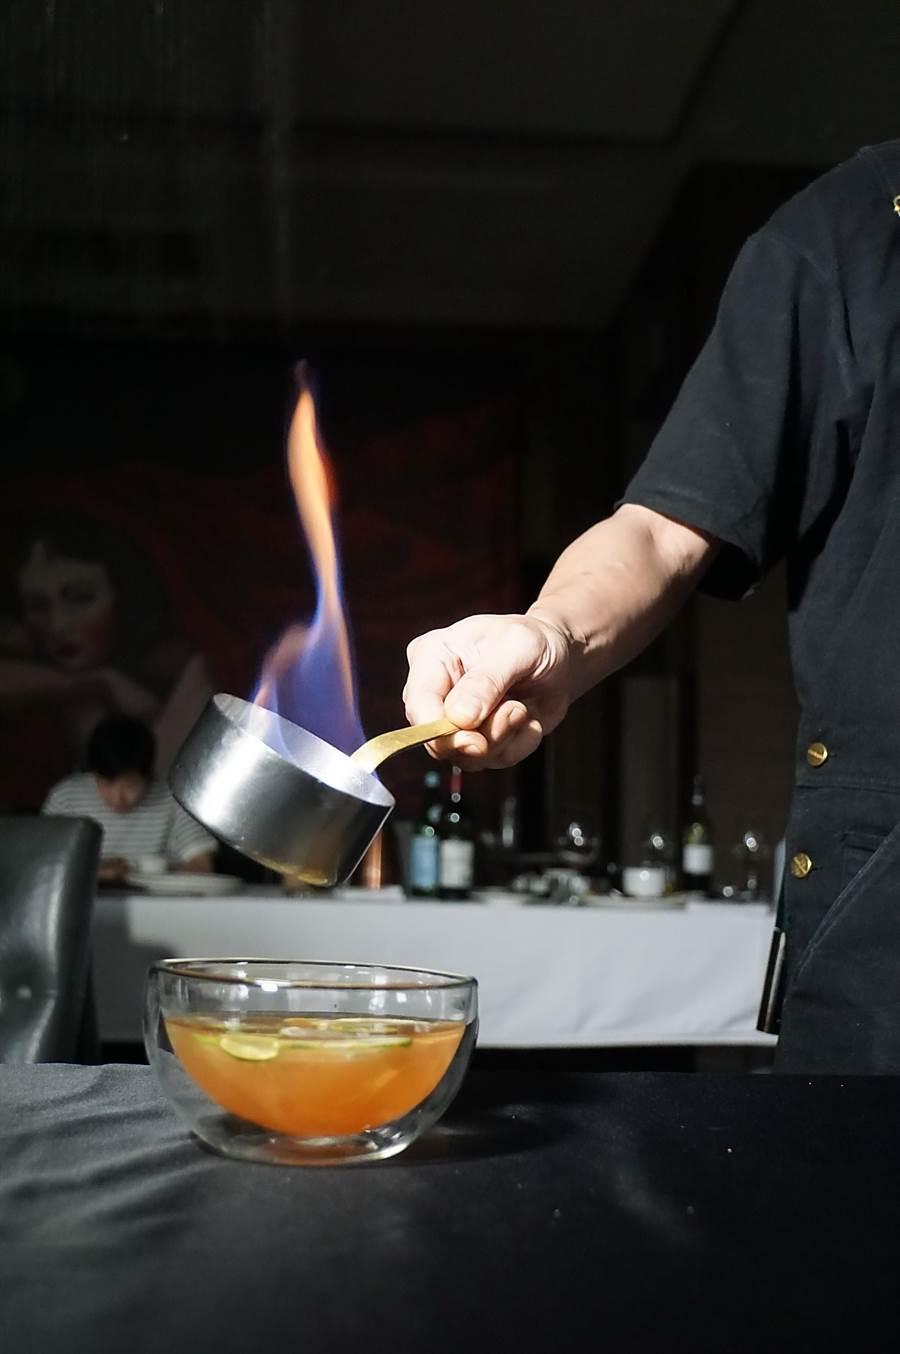 以〈愛玉冰〉概念呈現的前甜點,用火燃酒增加視覺效果與風味。(圖/姚舜)